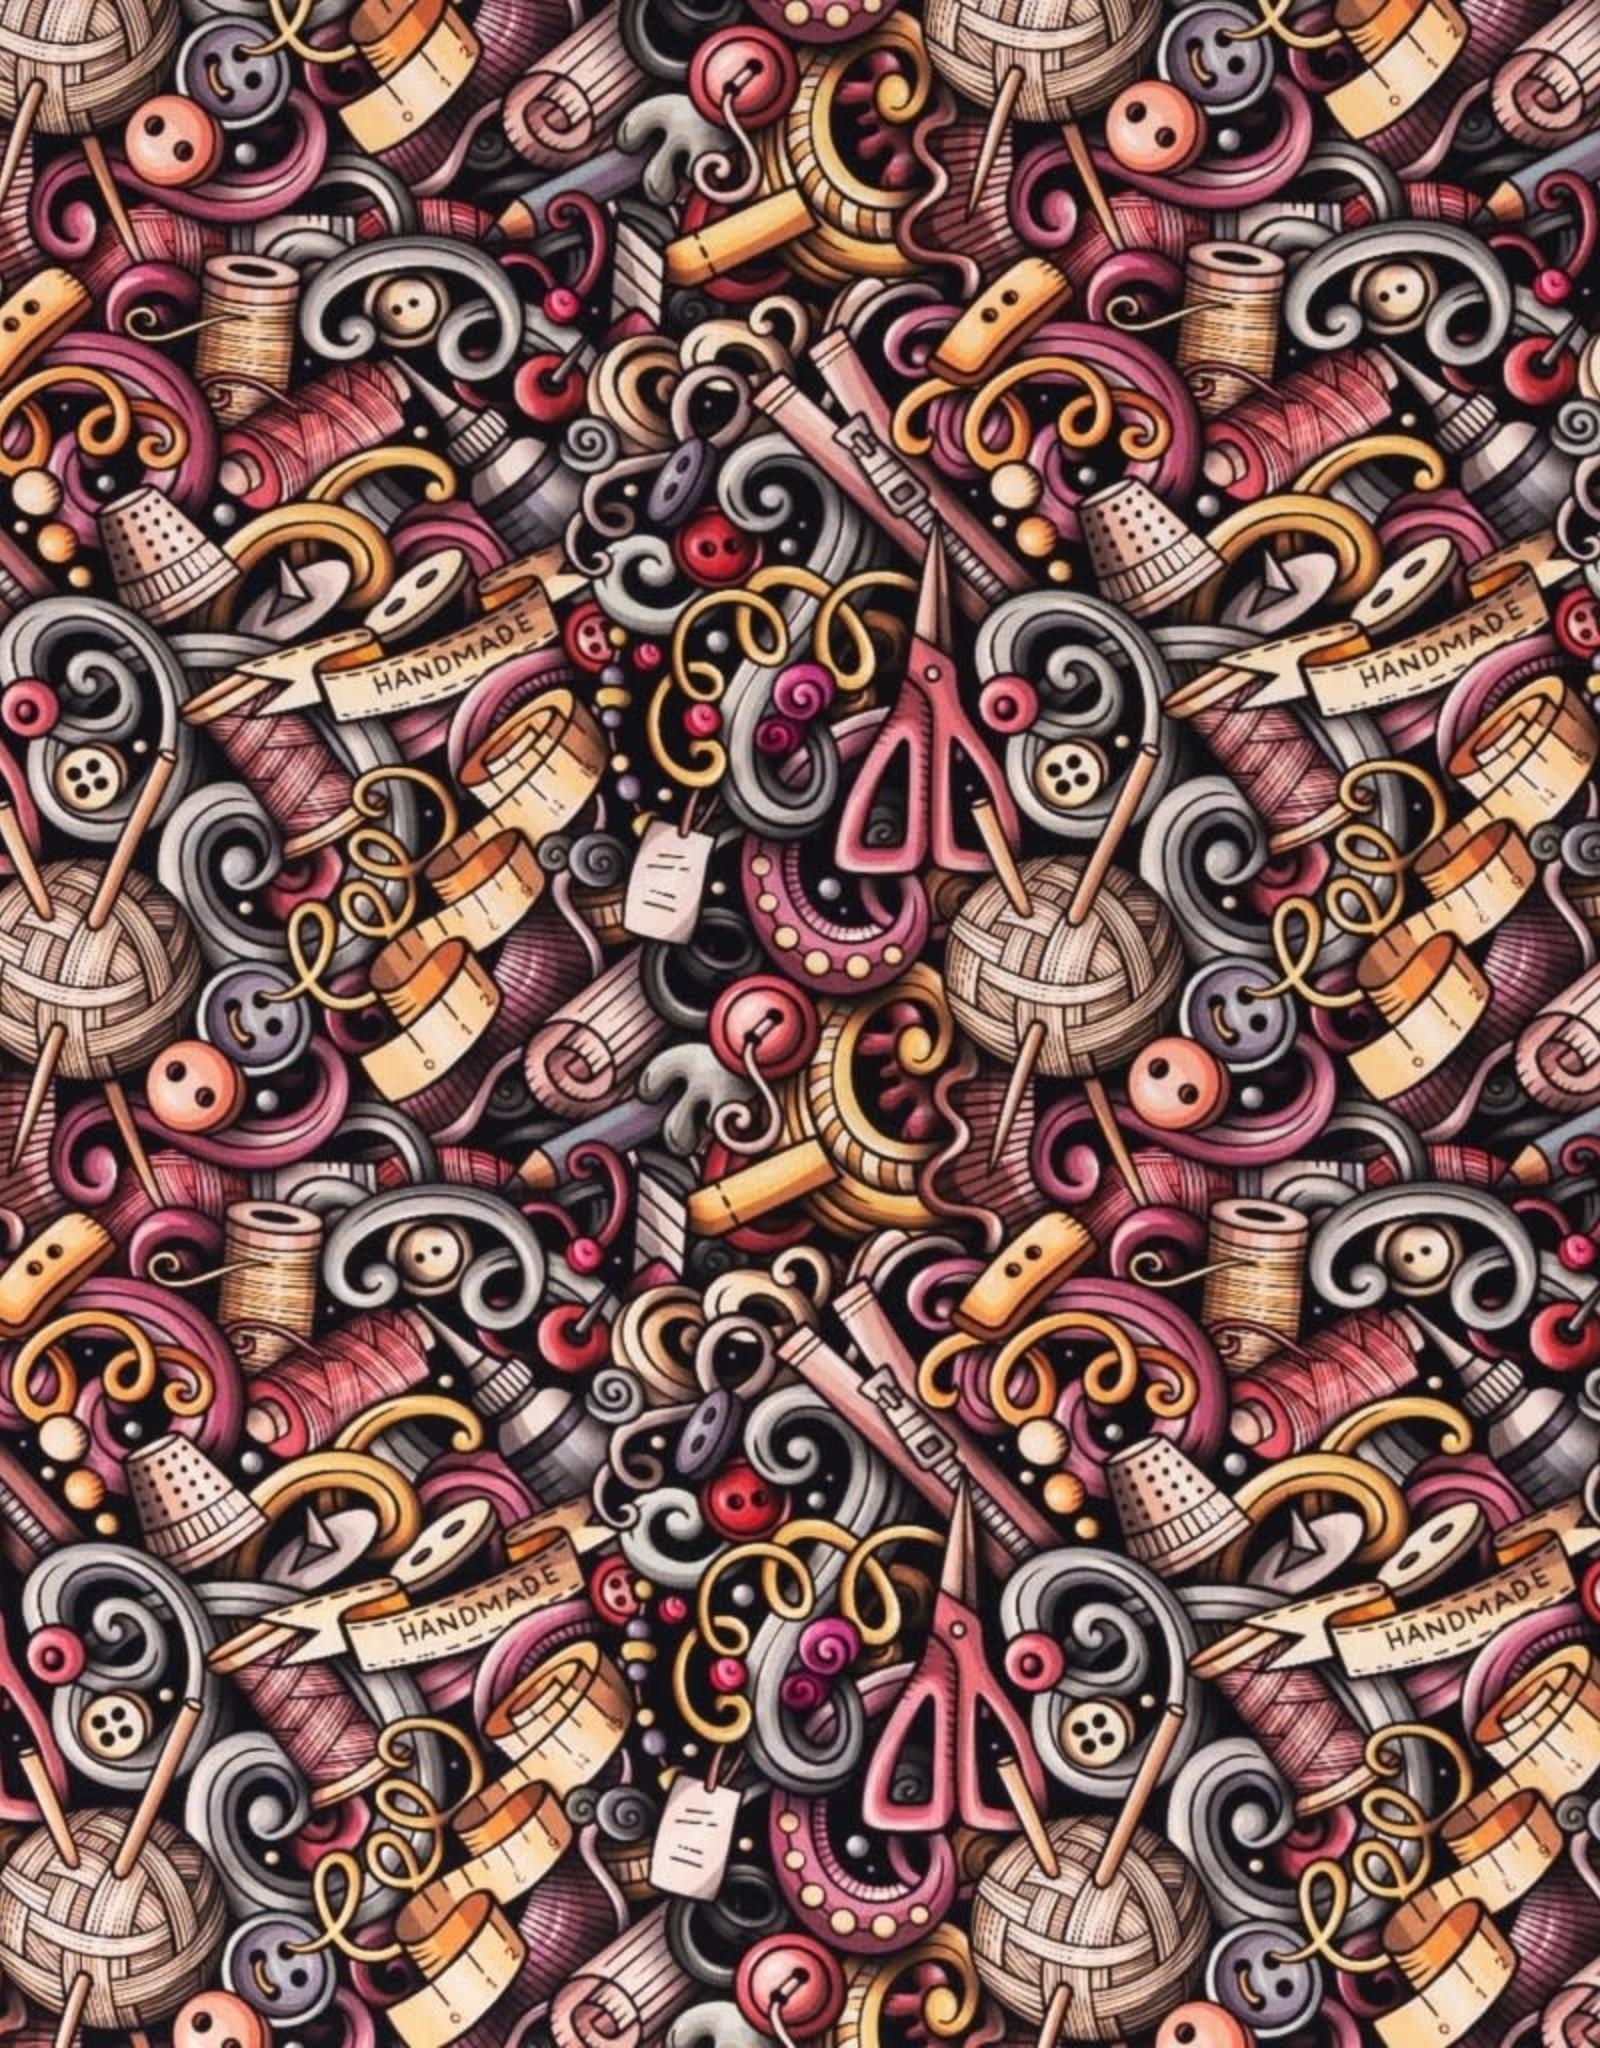 Katoen naaien oud roze